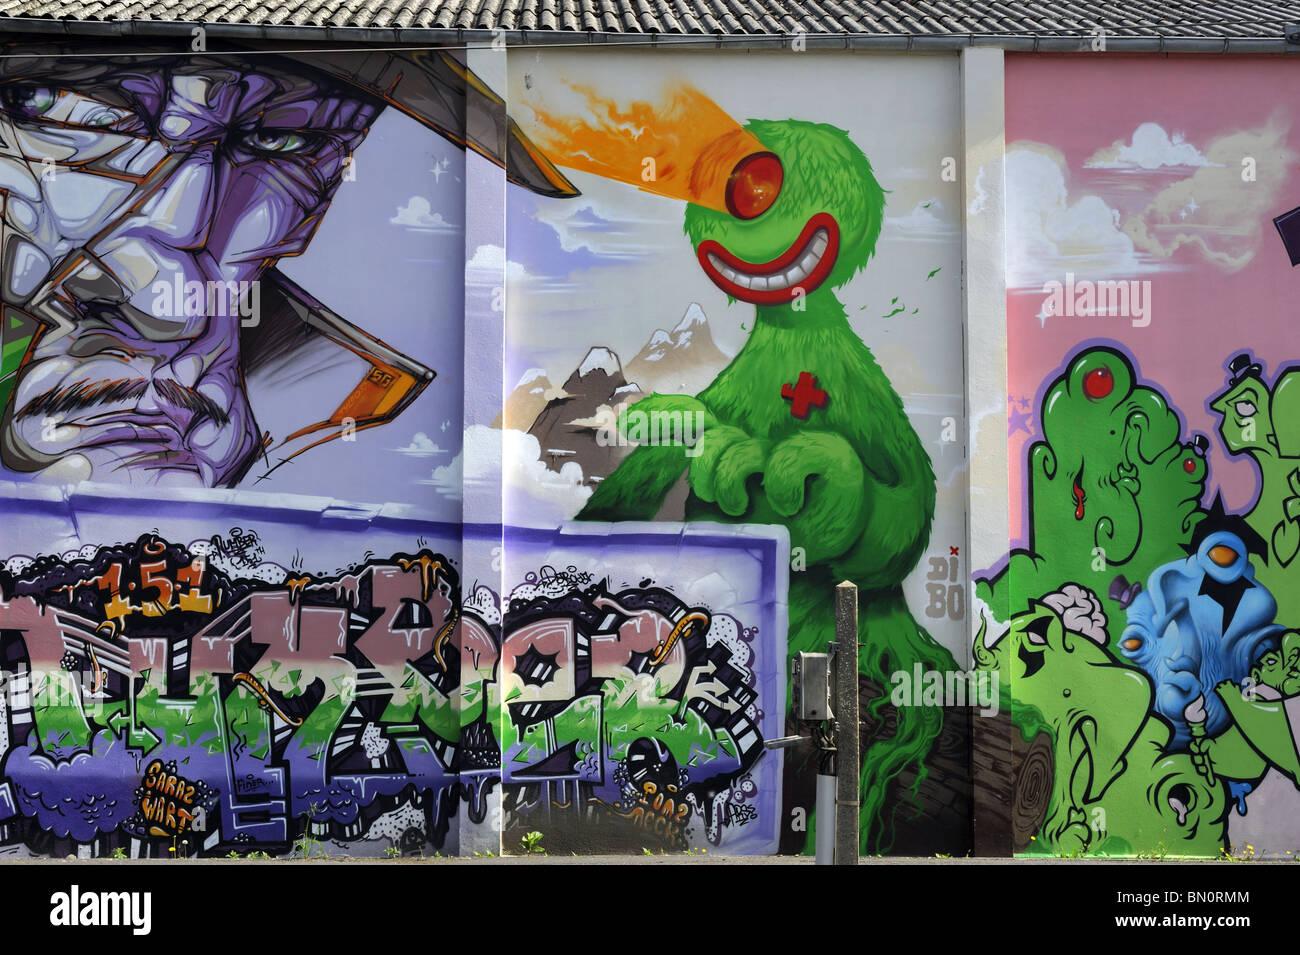 Graffitti artwork at Landerneau station, Brittany, France - Stock Image